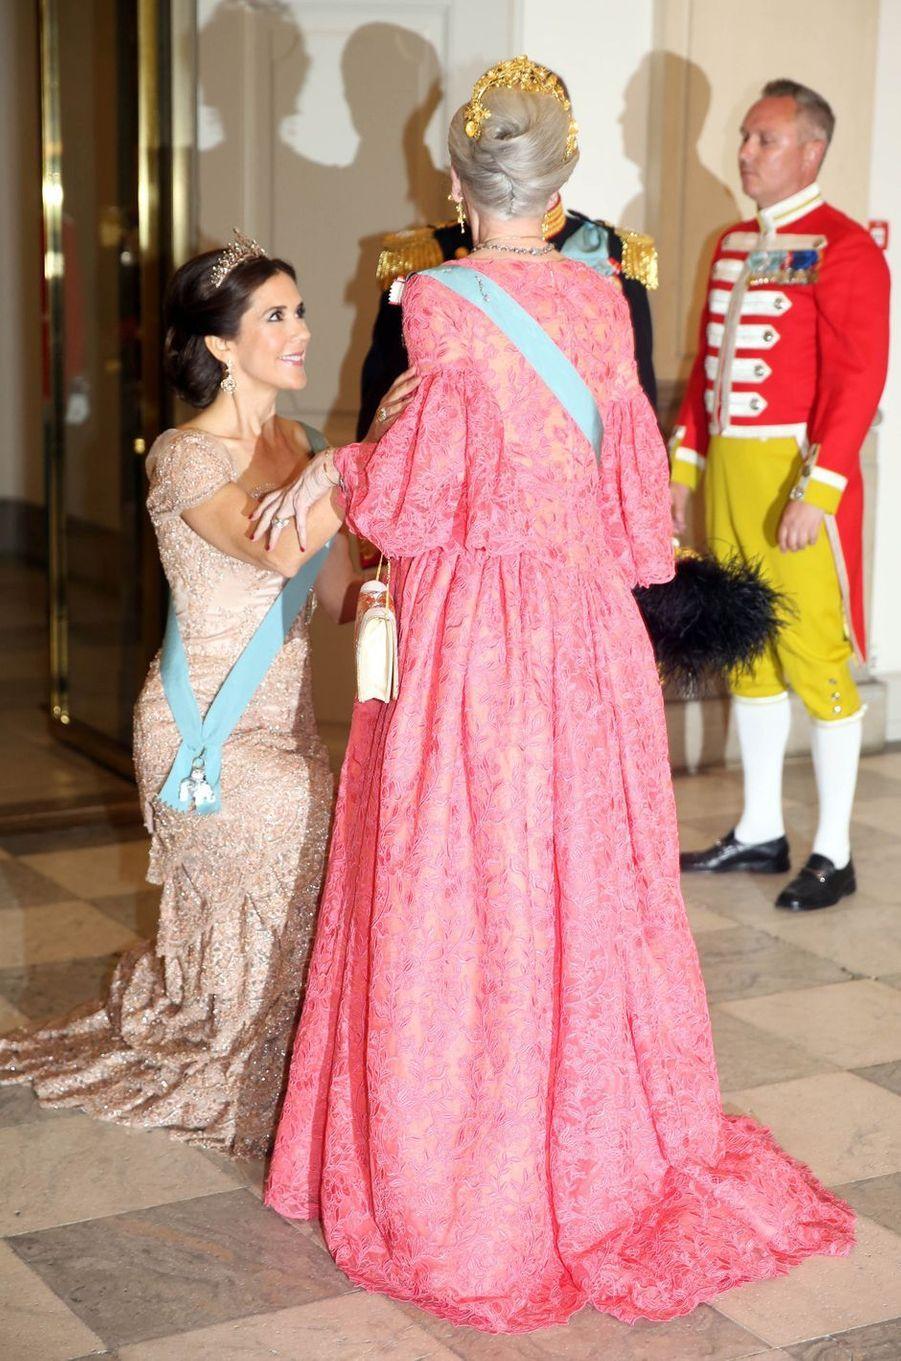 La robe de la reine Margrethe II de Danemark, vue de dos, à Copenhague le 26 mai 2018